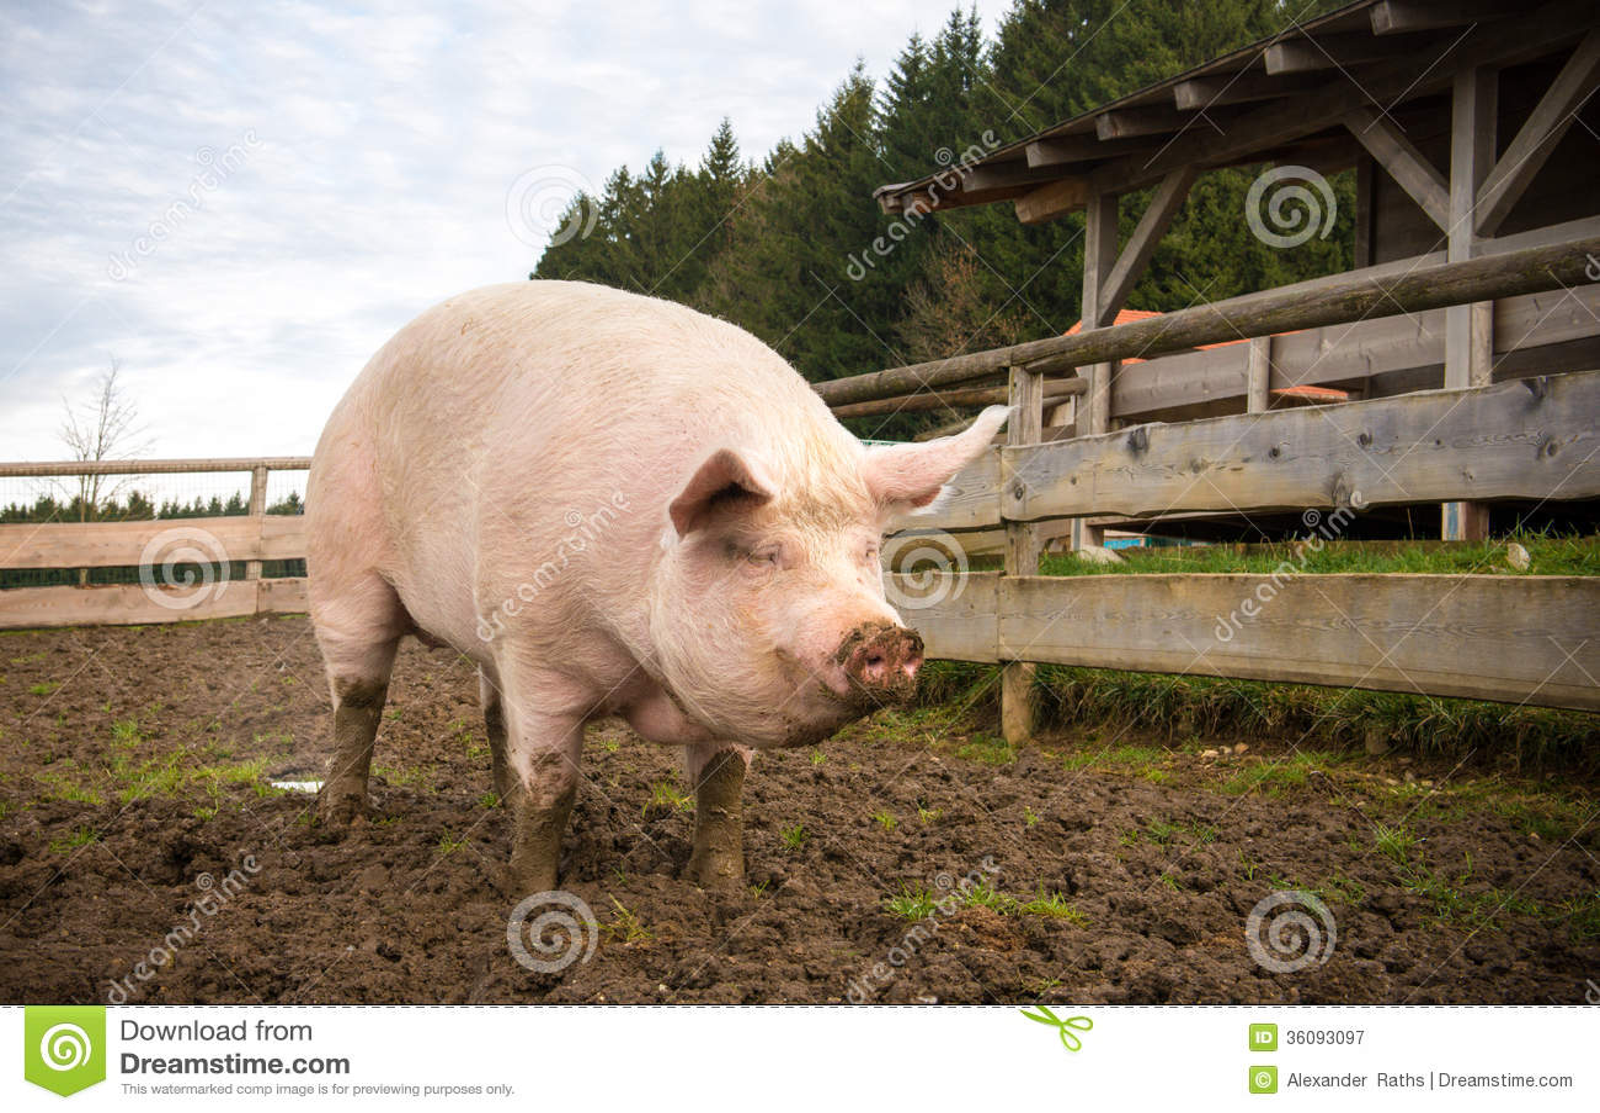 射击在农场的一头大猪.图片